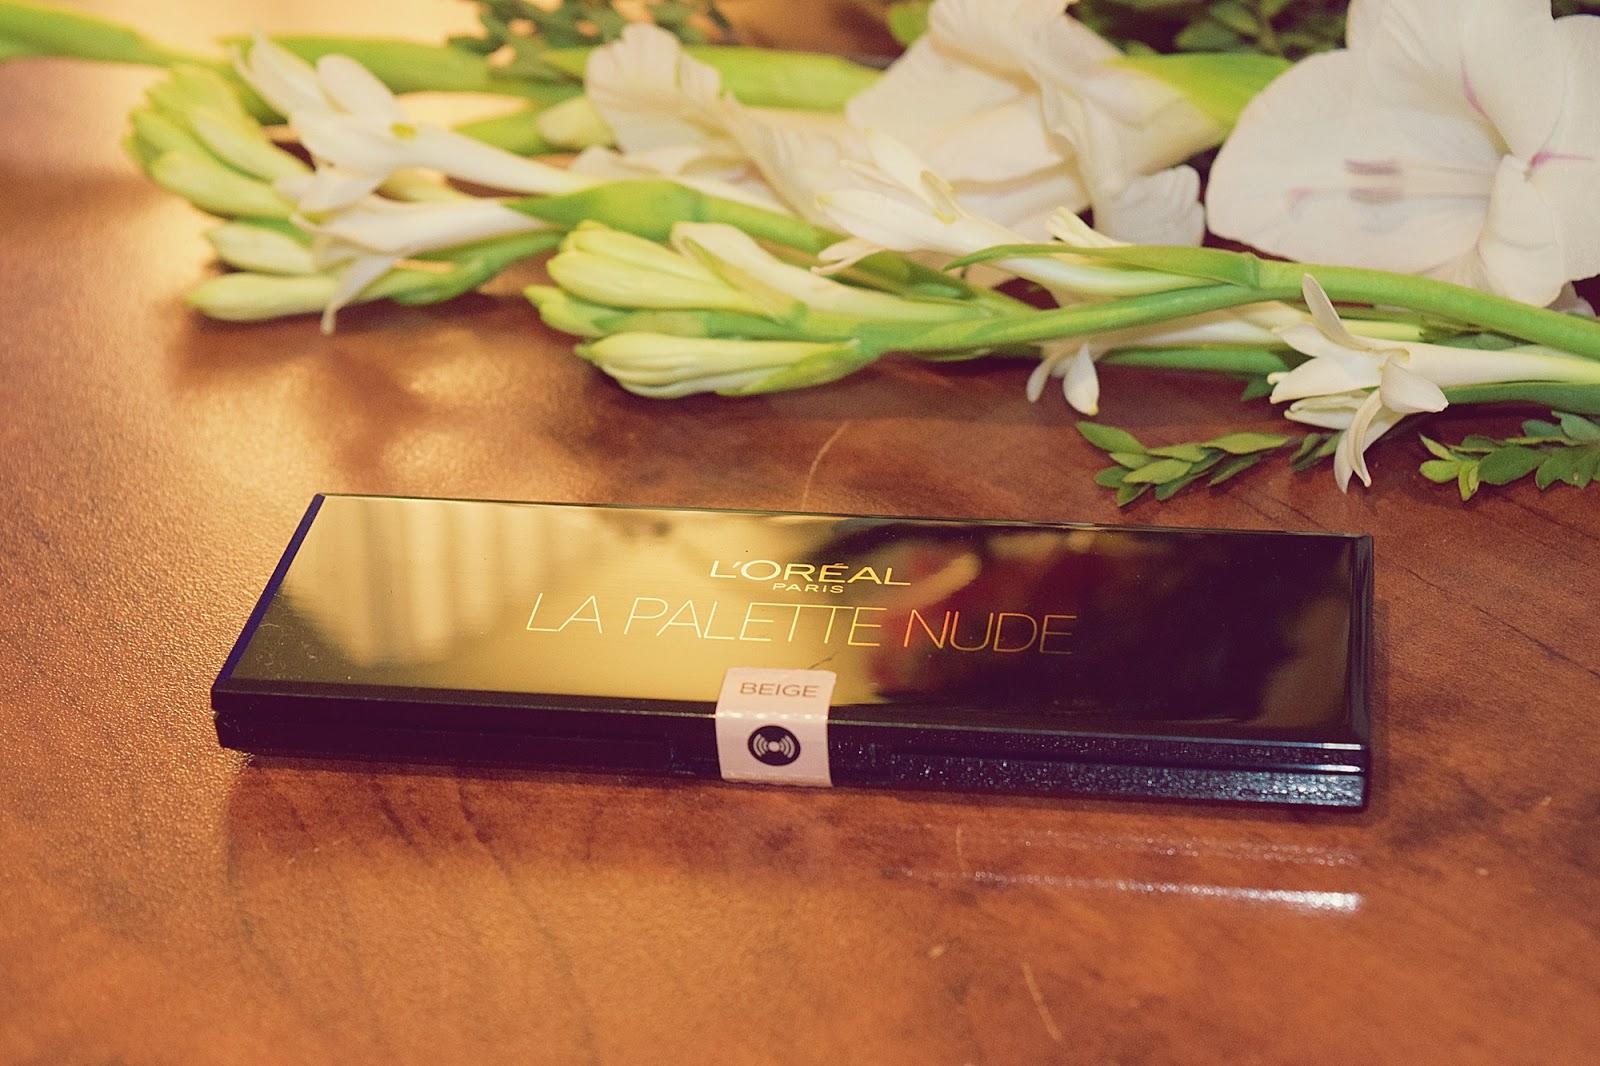 L'Oreal Paris La Palette Nude Beige 02